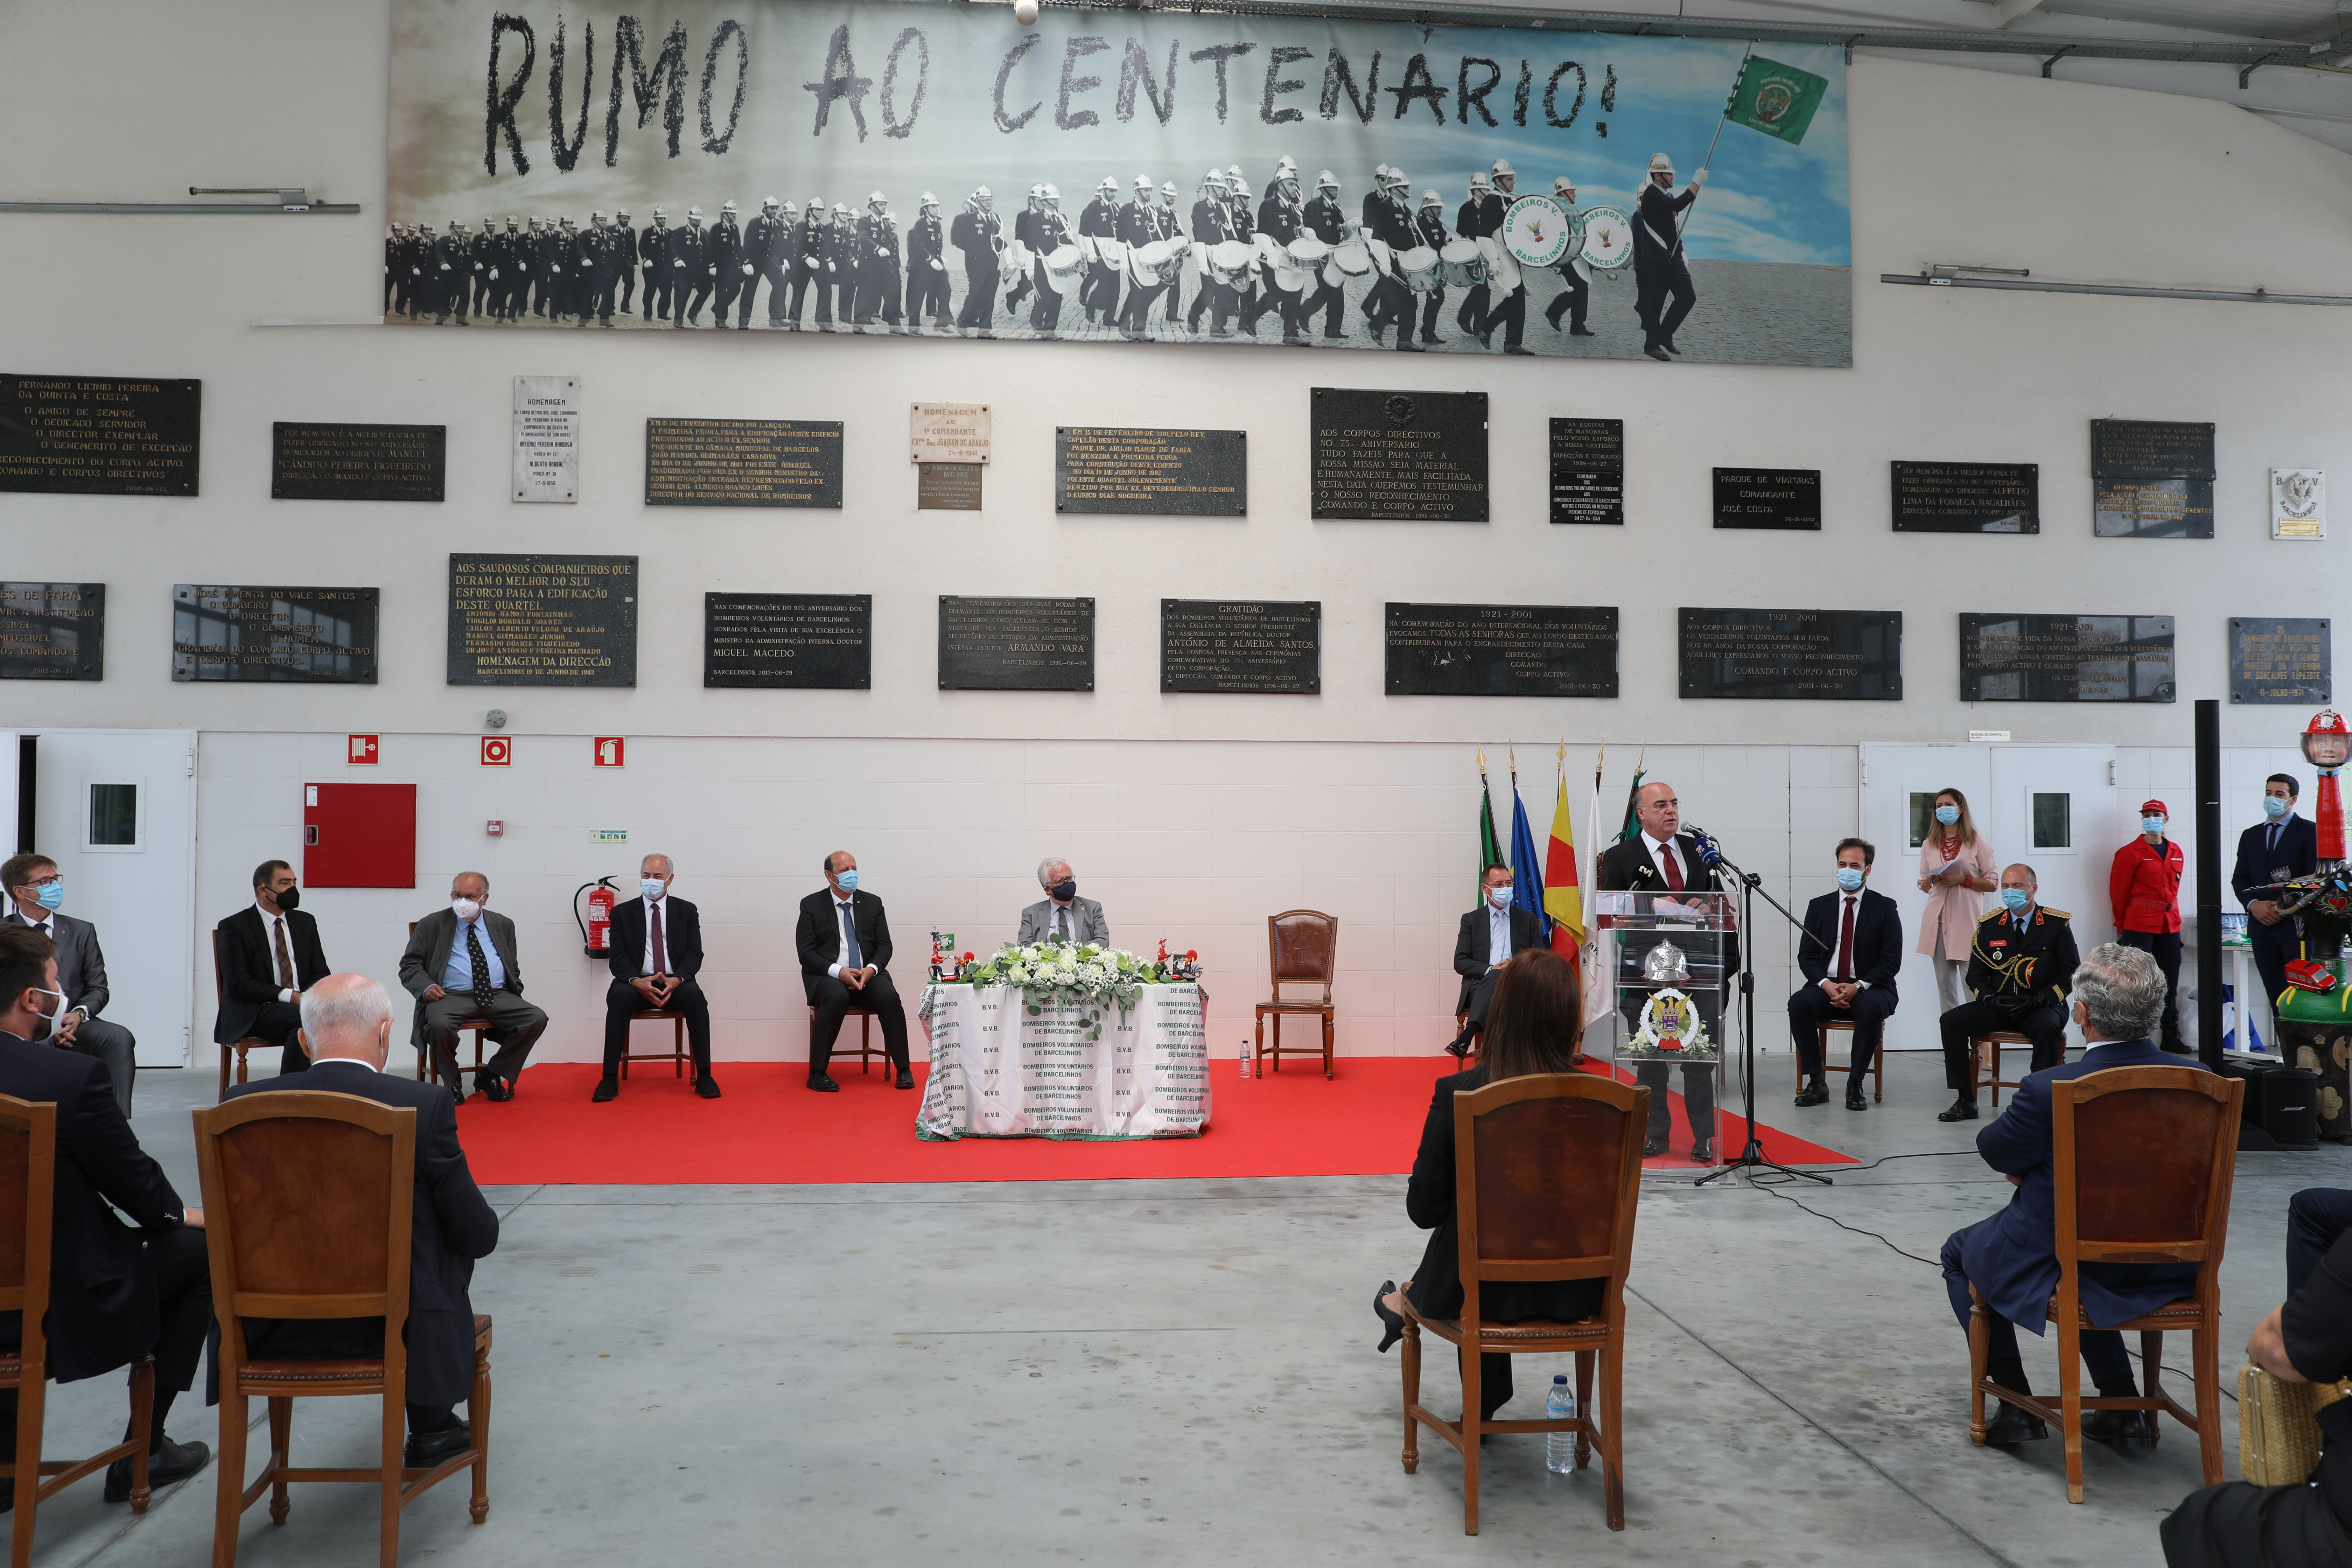 Ministro da Administração Interna e Presidente da Câmara Municipal louvam trabalho dos Bombeiros de Barcelinhos